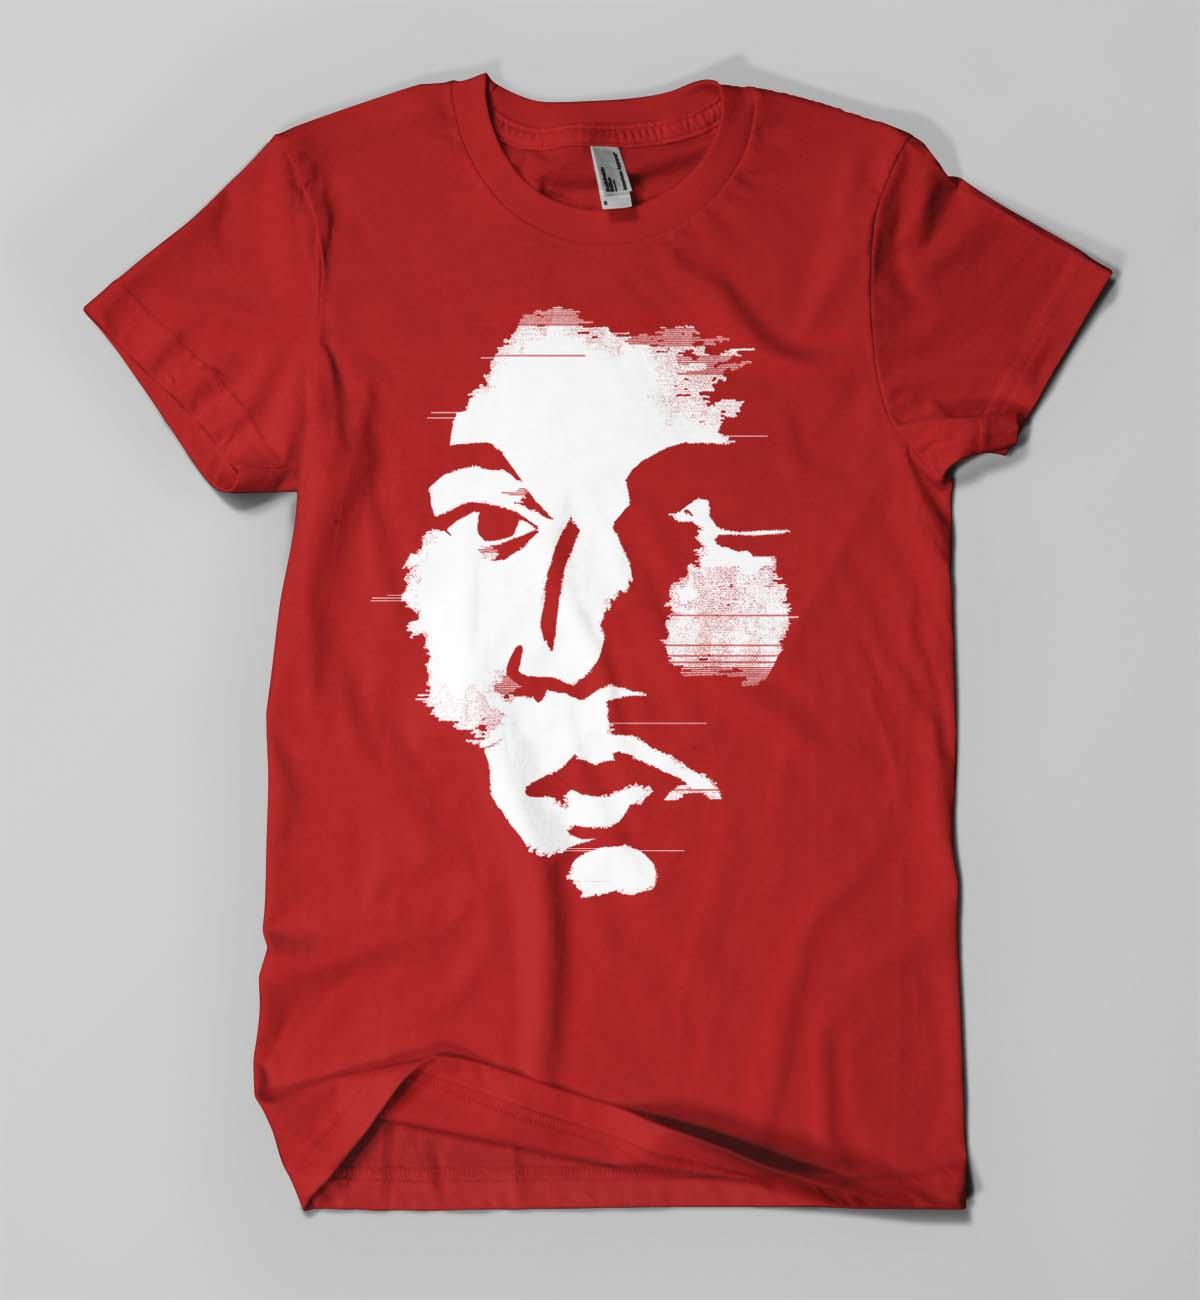 Jean Michel Basquiat (on red)